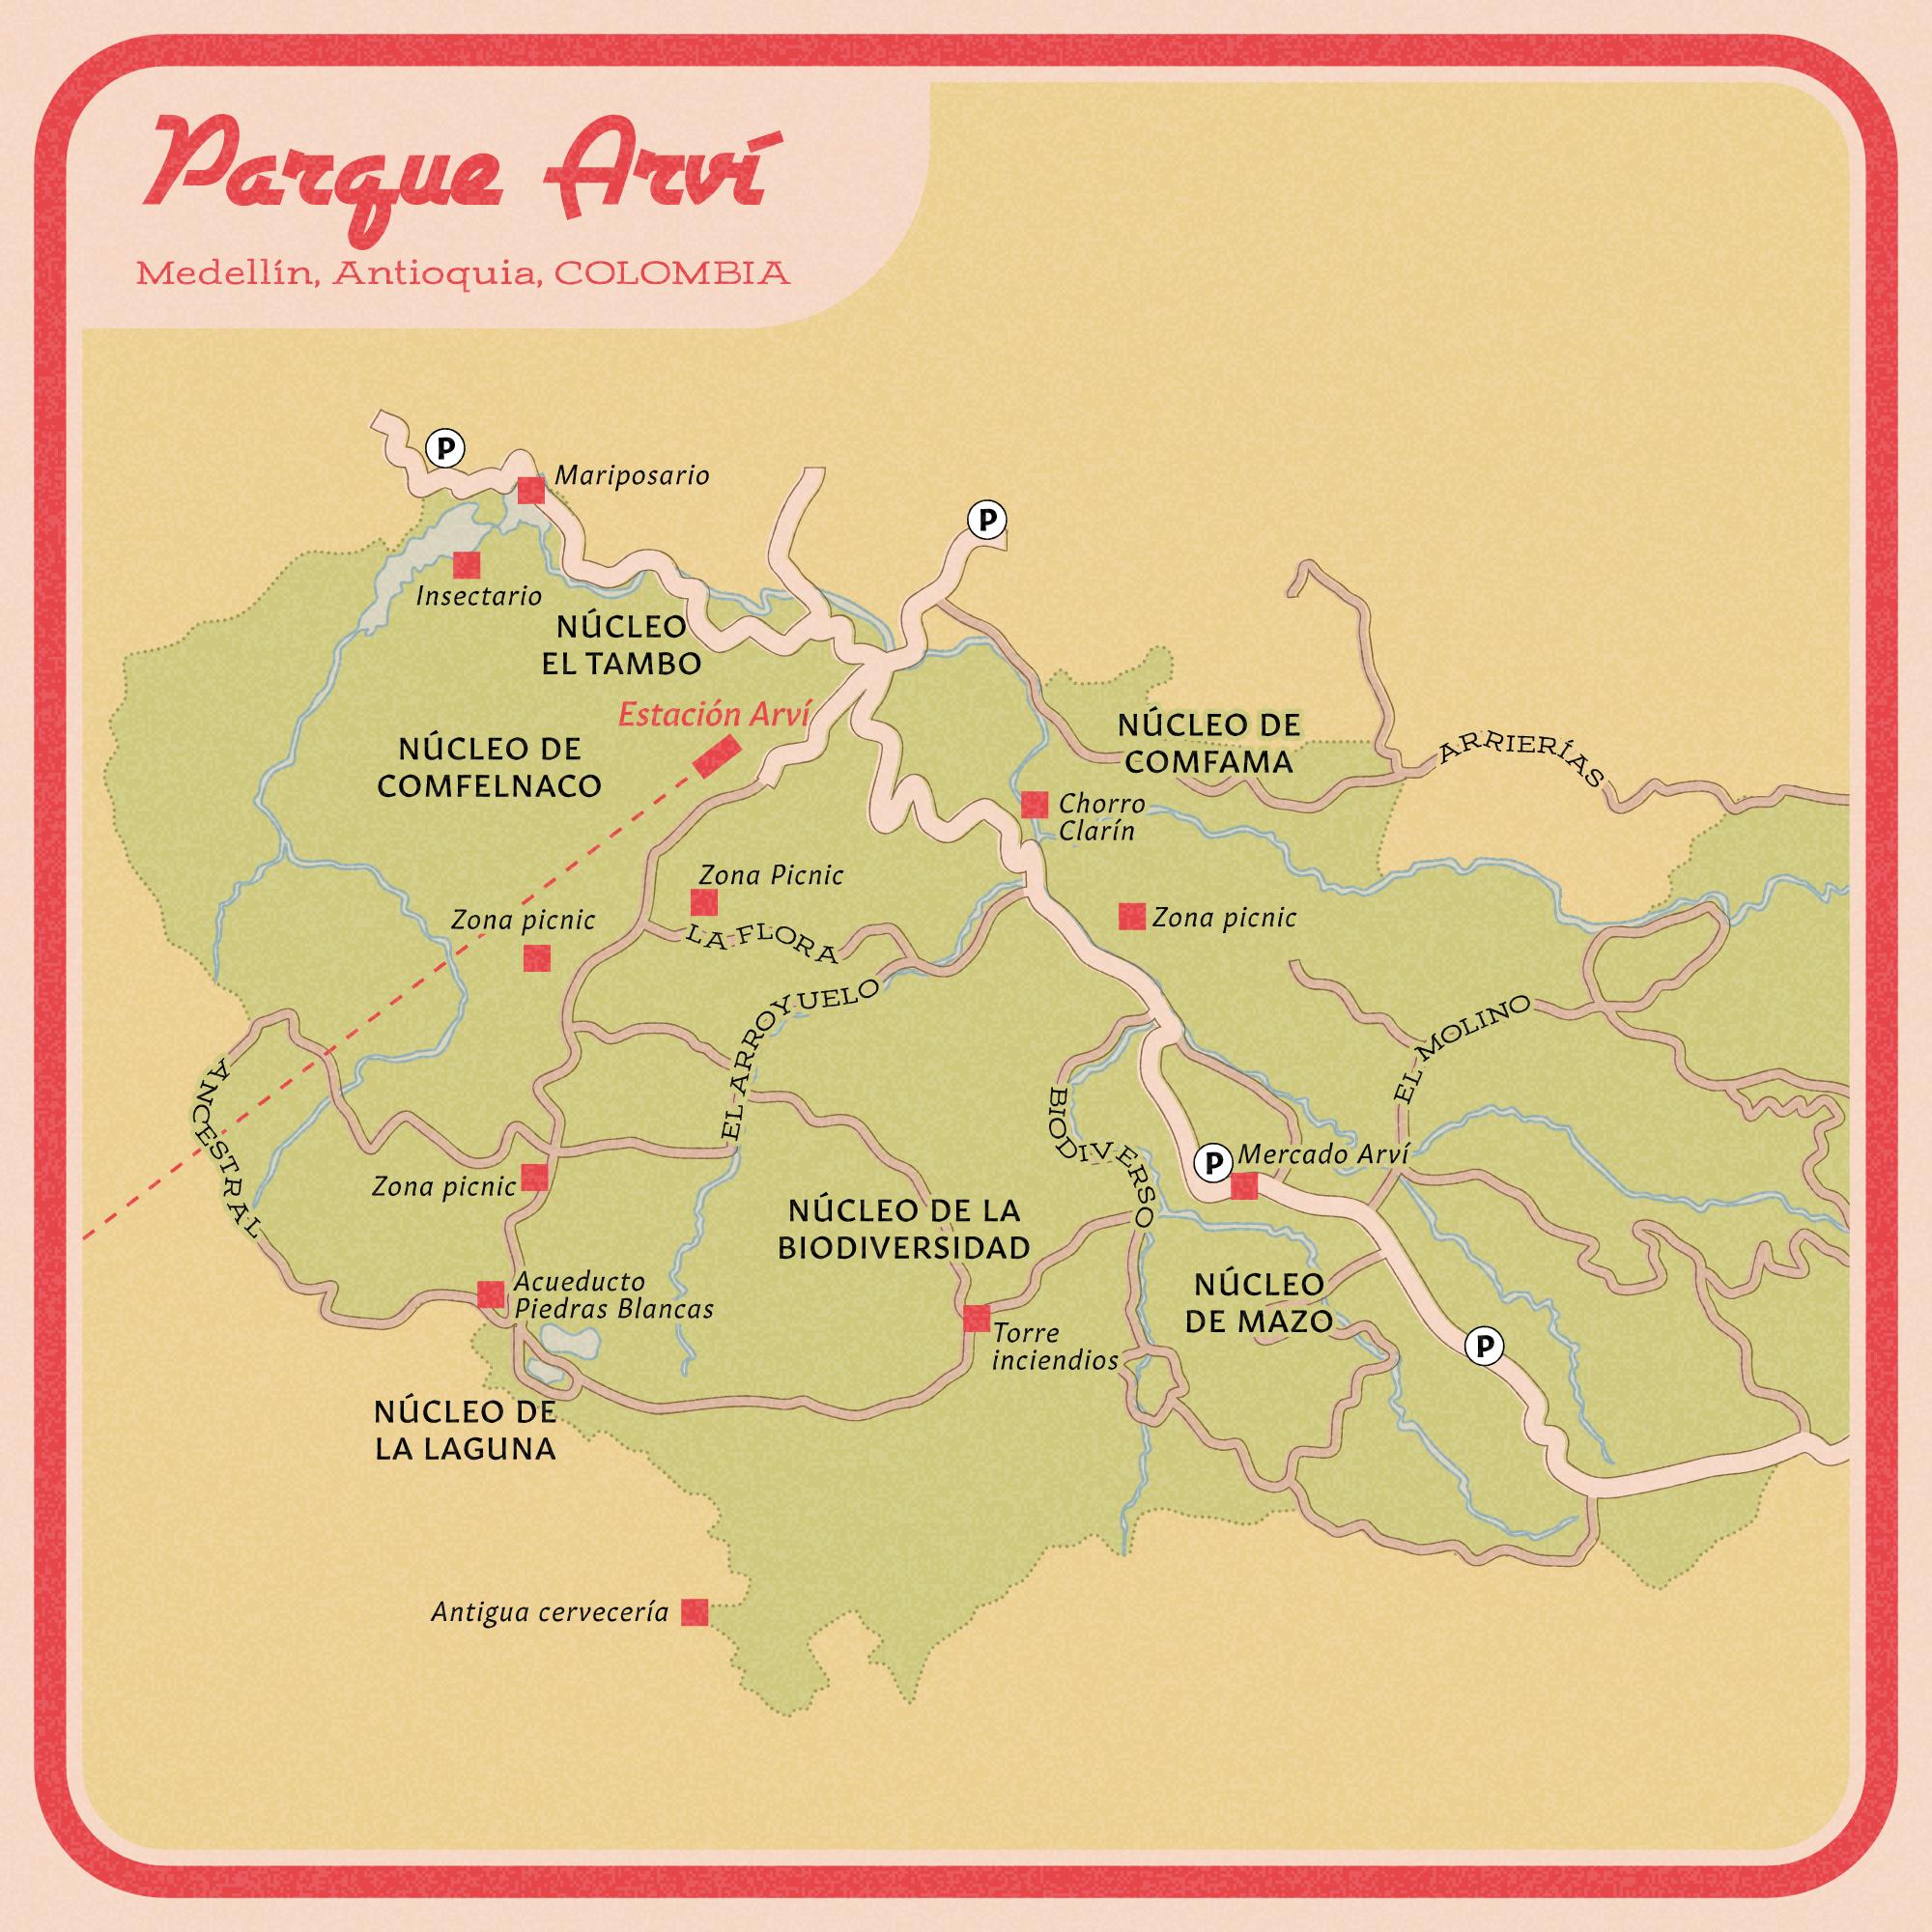 Parque Arví vintage road map